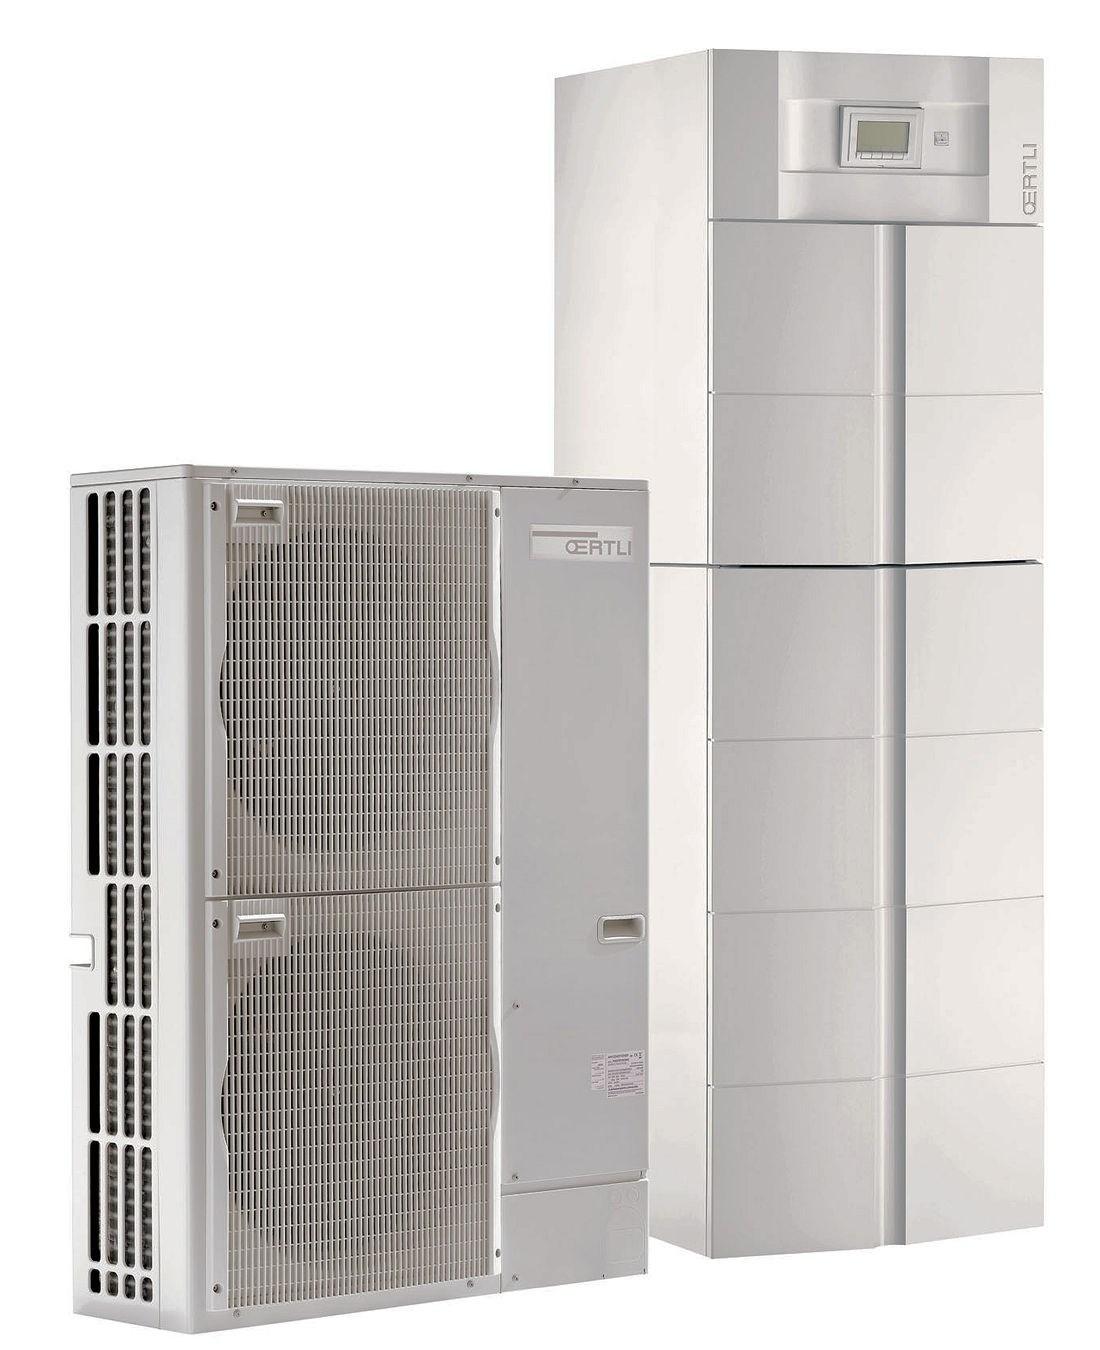 Pompe chaleur air eau oenoviapac colonne 2c split inverter avec prparateur e - Pompe a chaleur inverter air eau ...